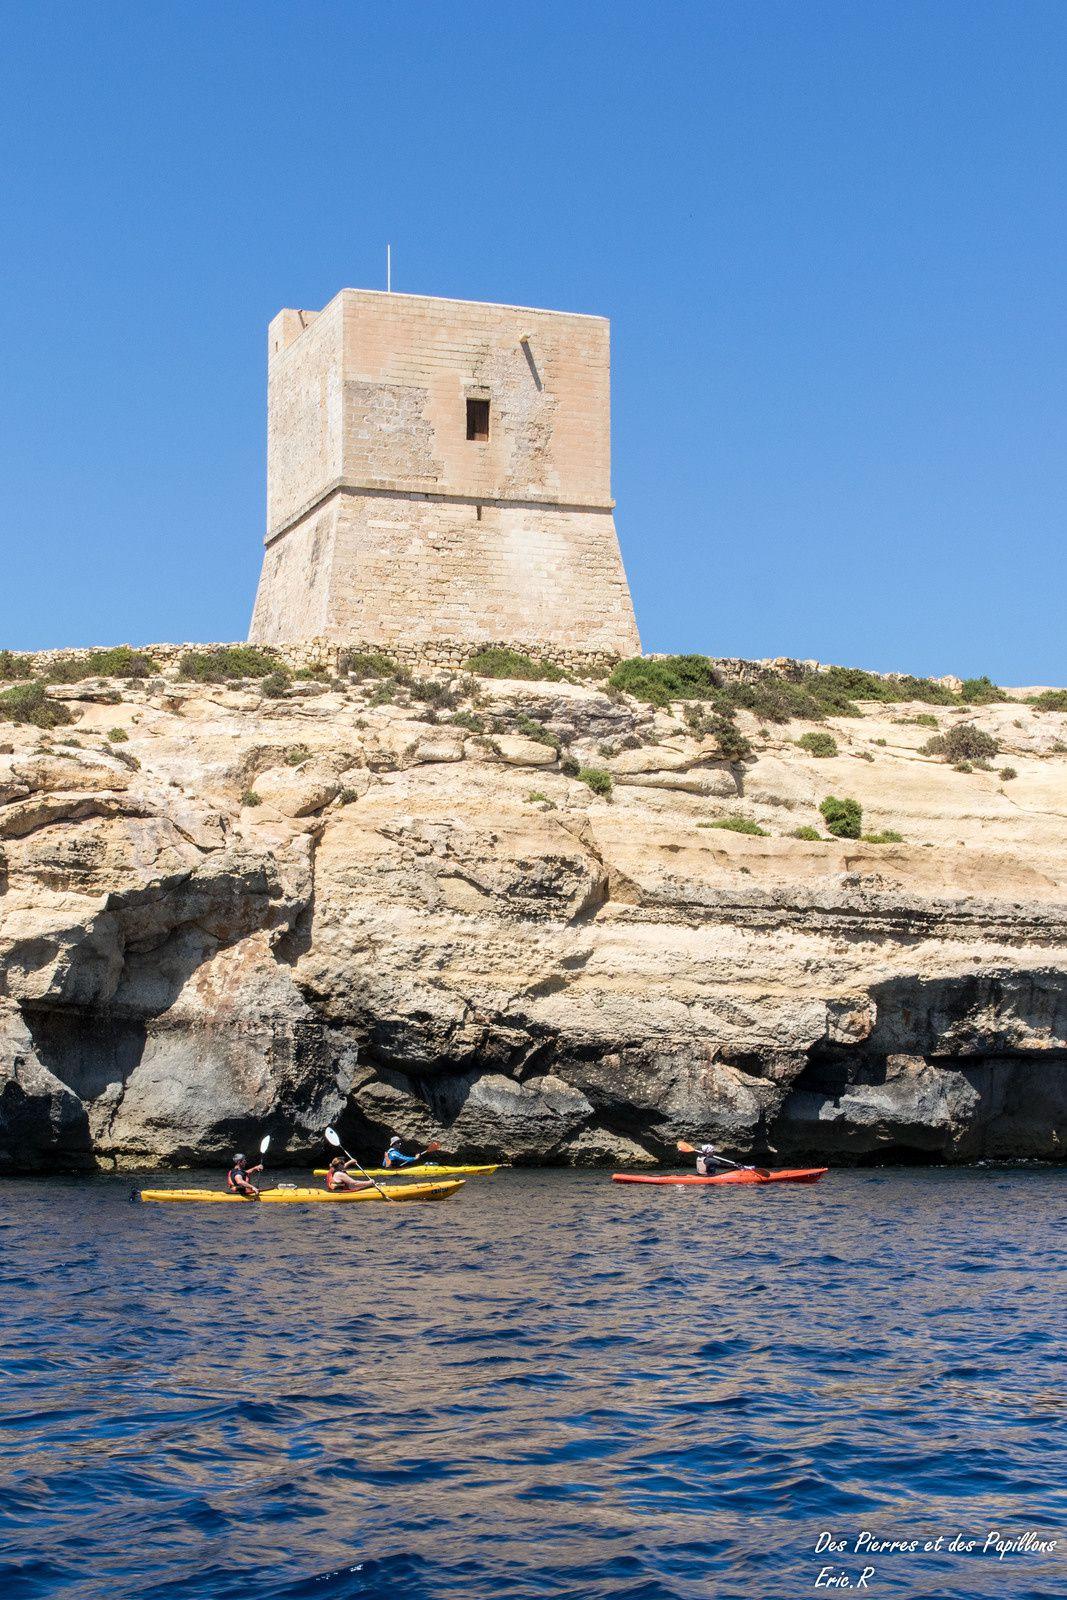 Une tour côtière depuis le bateau et des kayaks de mer.